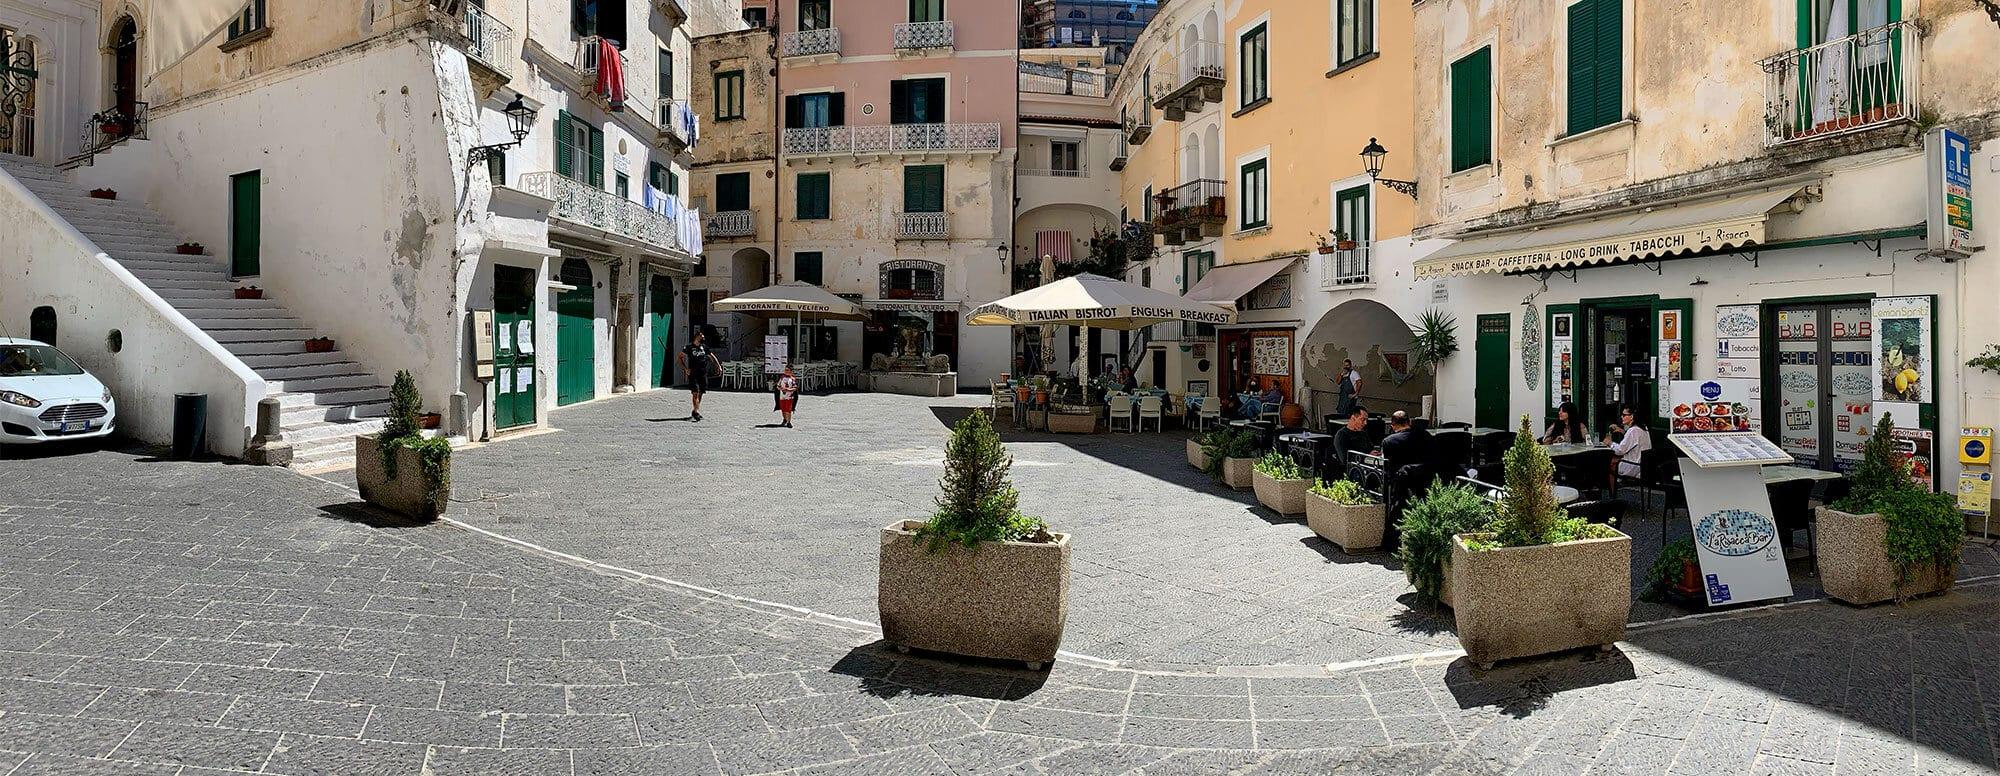 atrani-new-2020-piazza.jpg